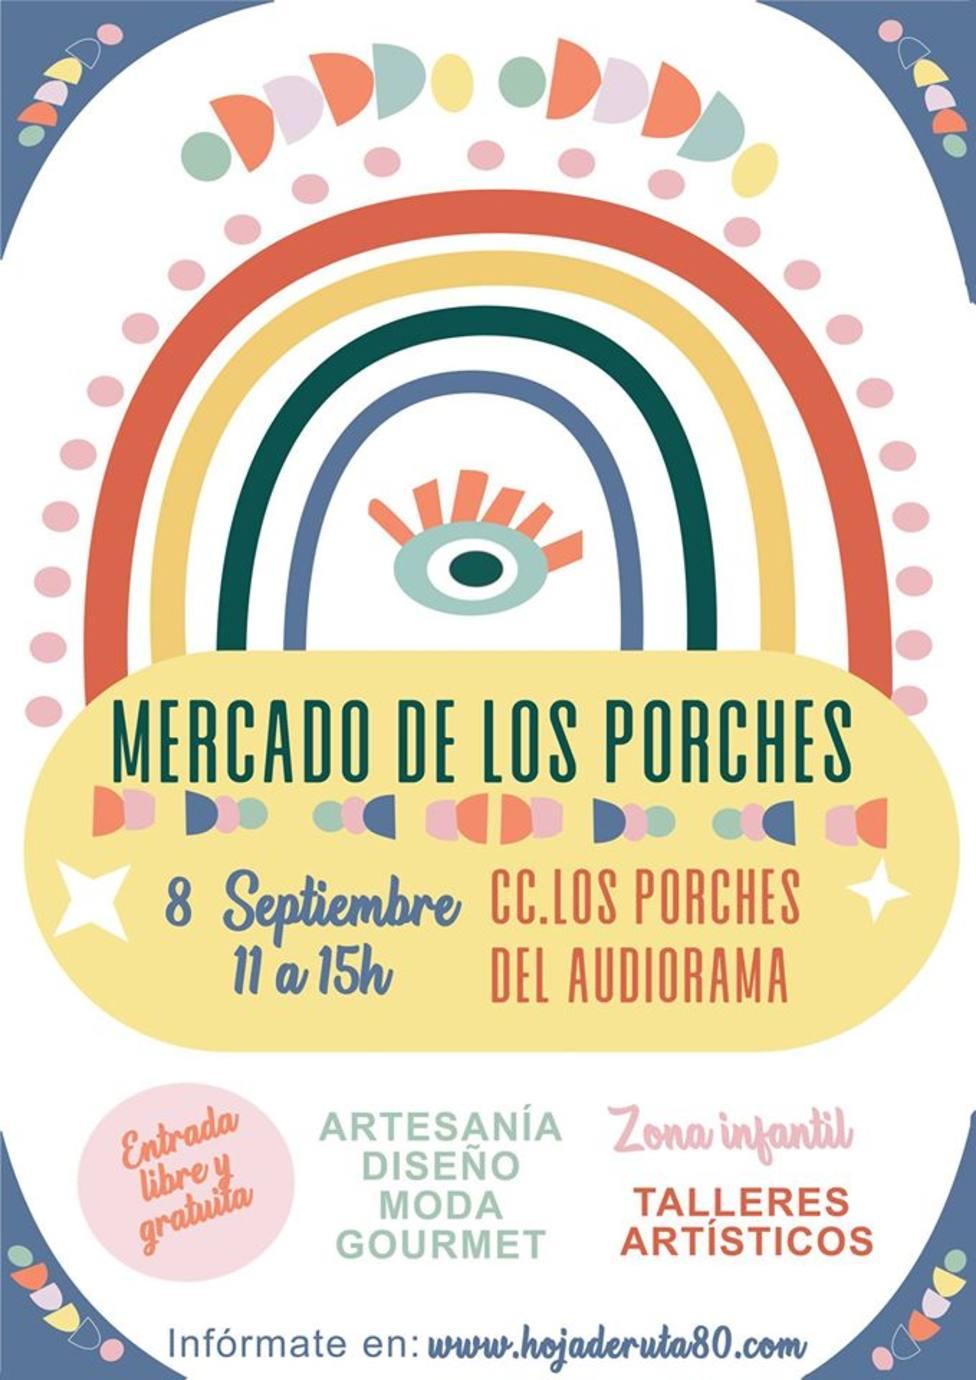 Mercado de los Porches del Audiorama